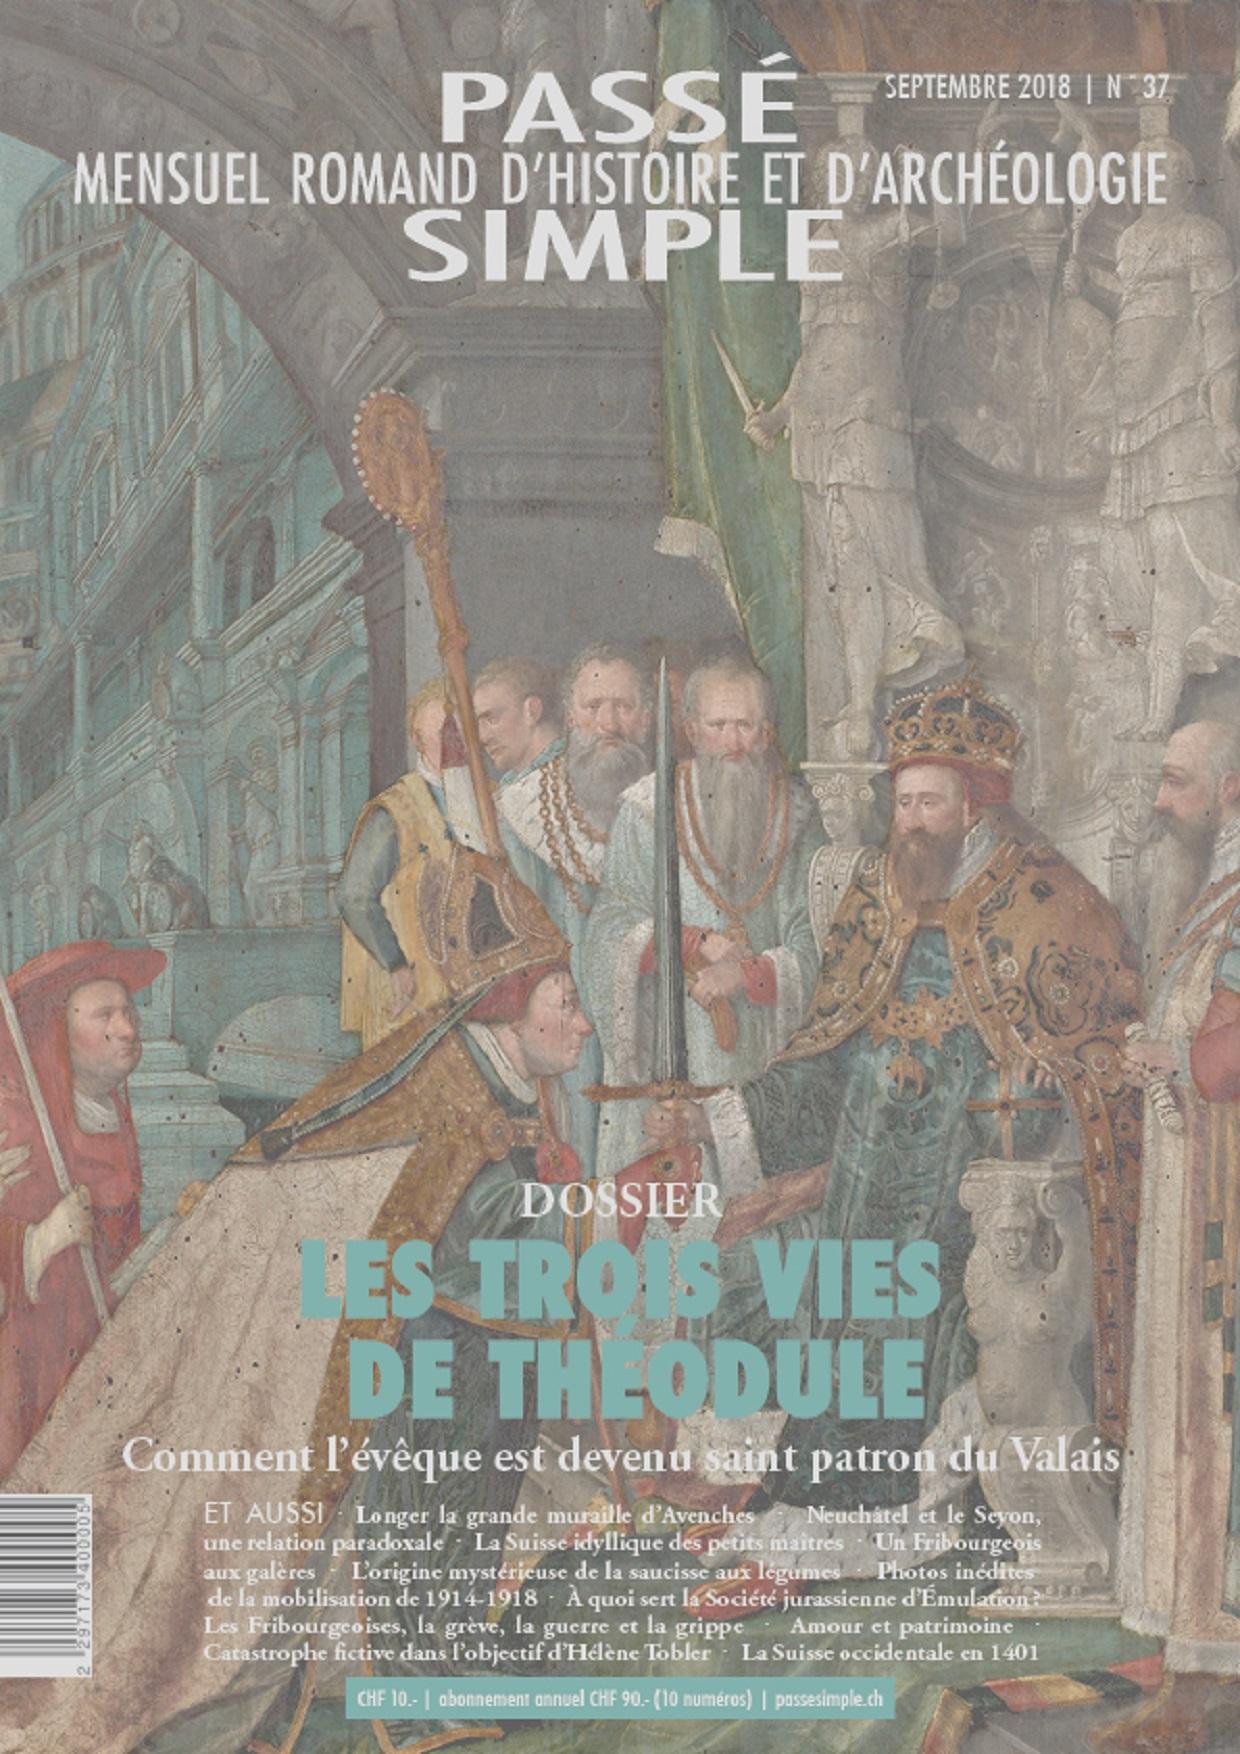 Passé simple : mensuel romand d'histoire et d'archéologie. N° 37, septembre 2018, Collectif